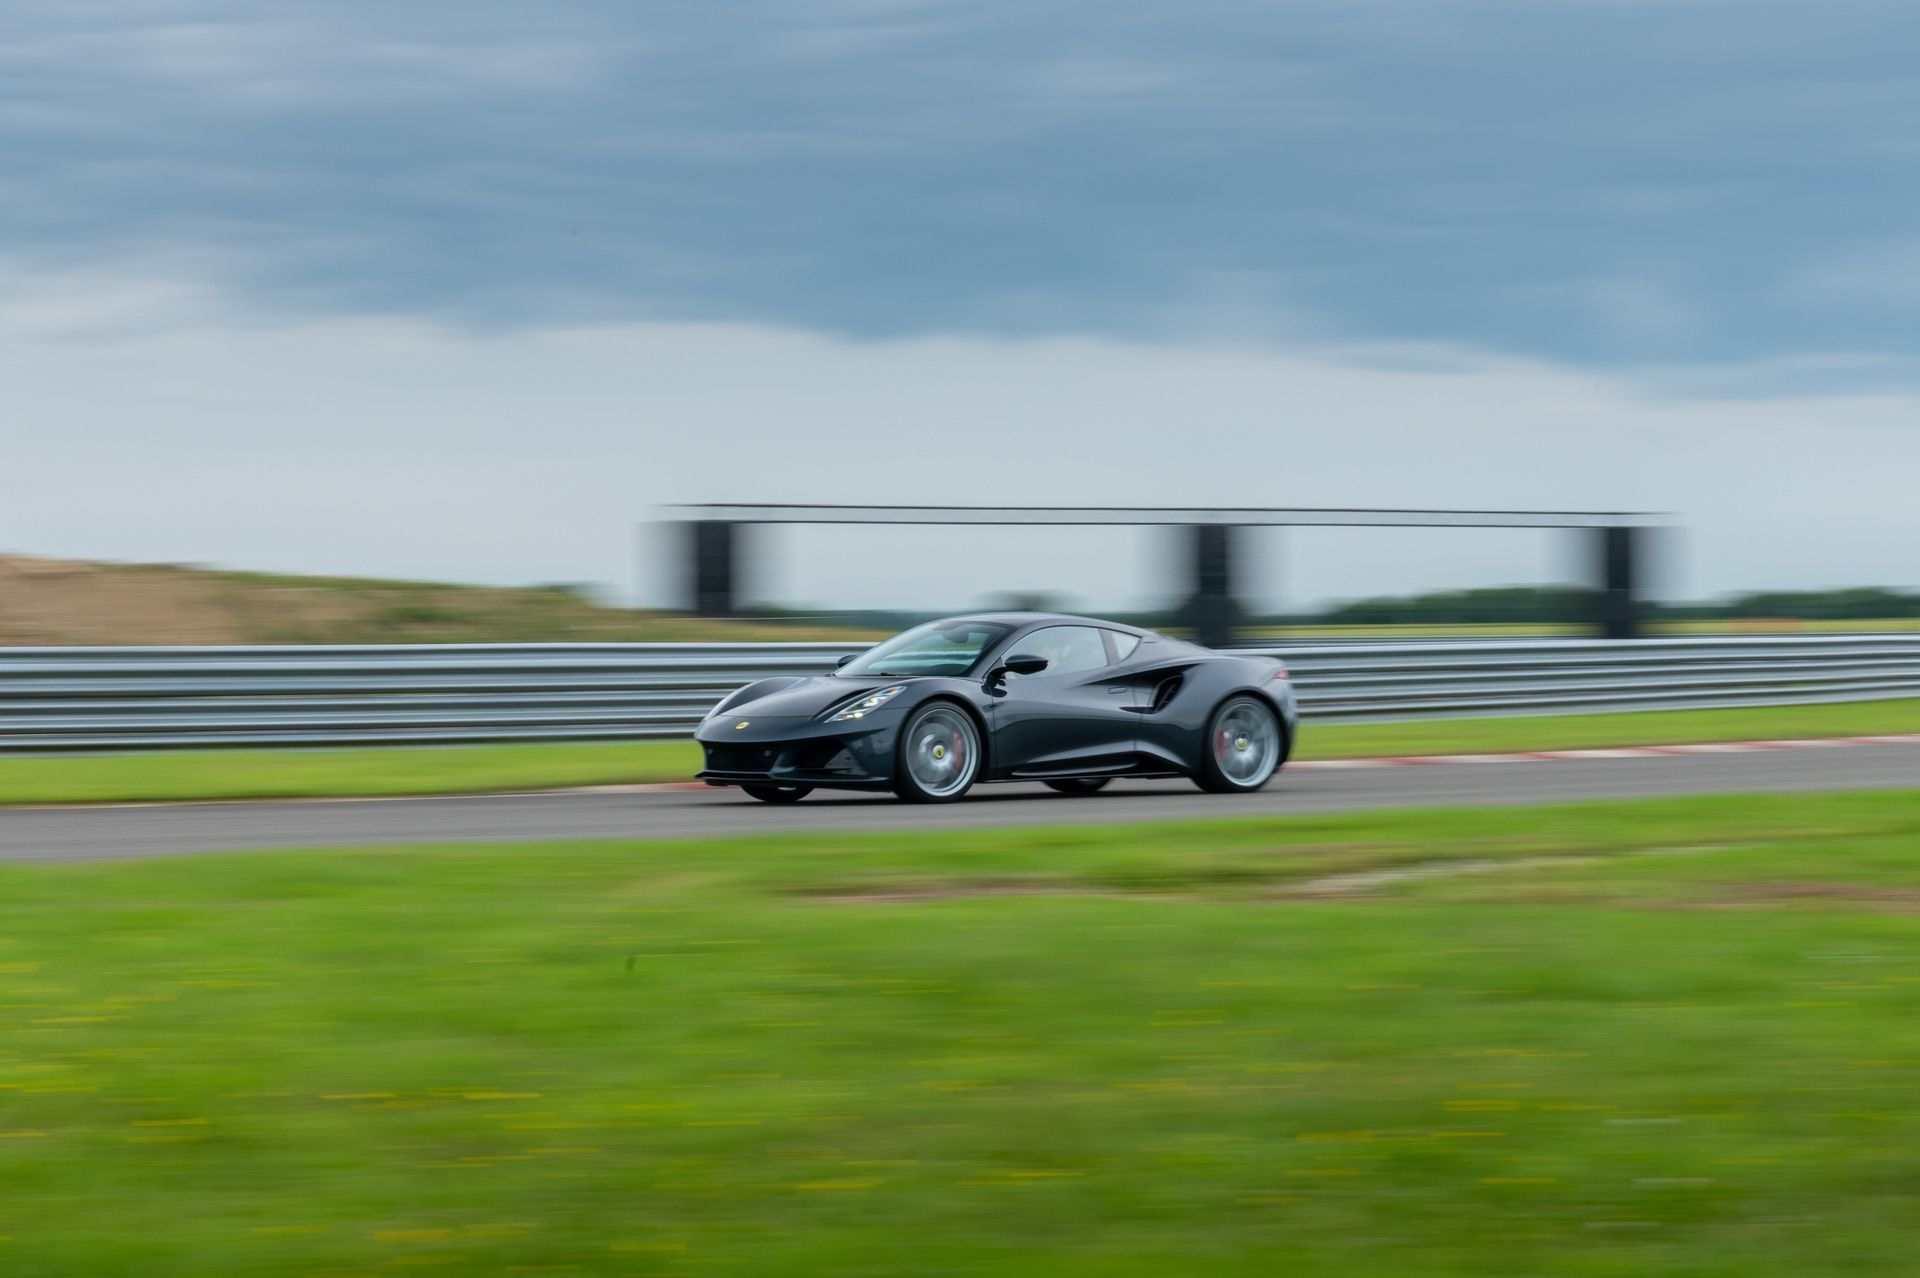 Lotus-Emira-on-Hethel-test-track